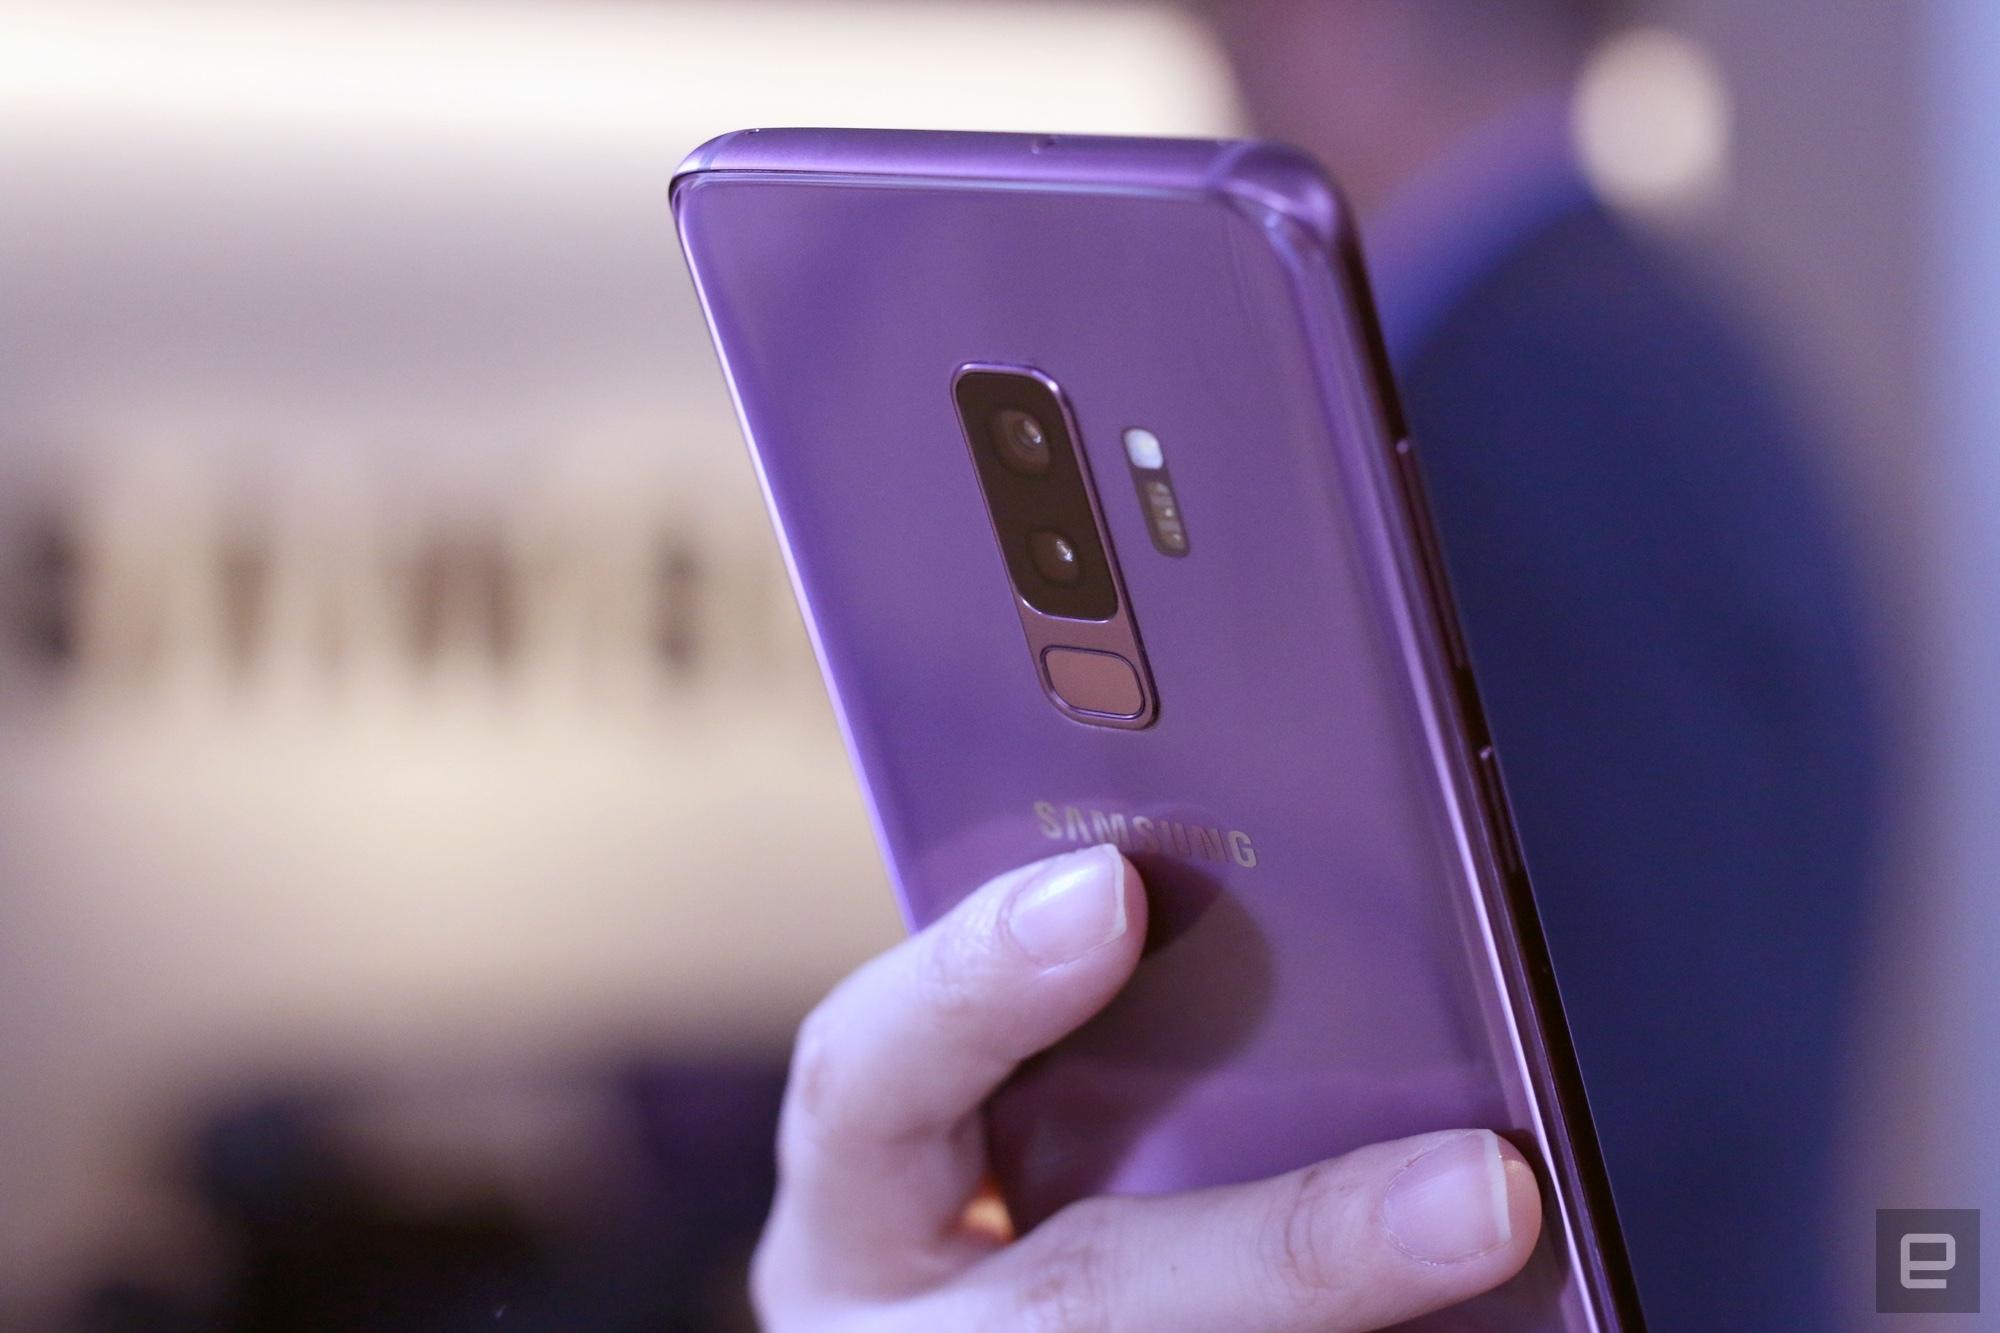 Samsung stoppt Sicherheitsupdates für A3, J1 und J3 (2016)